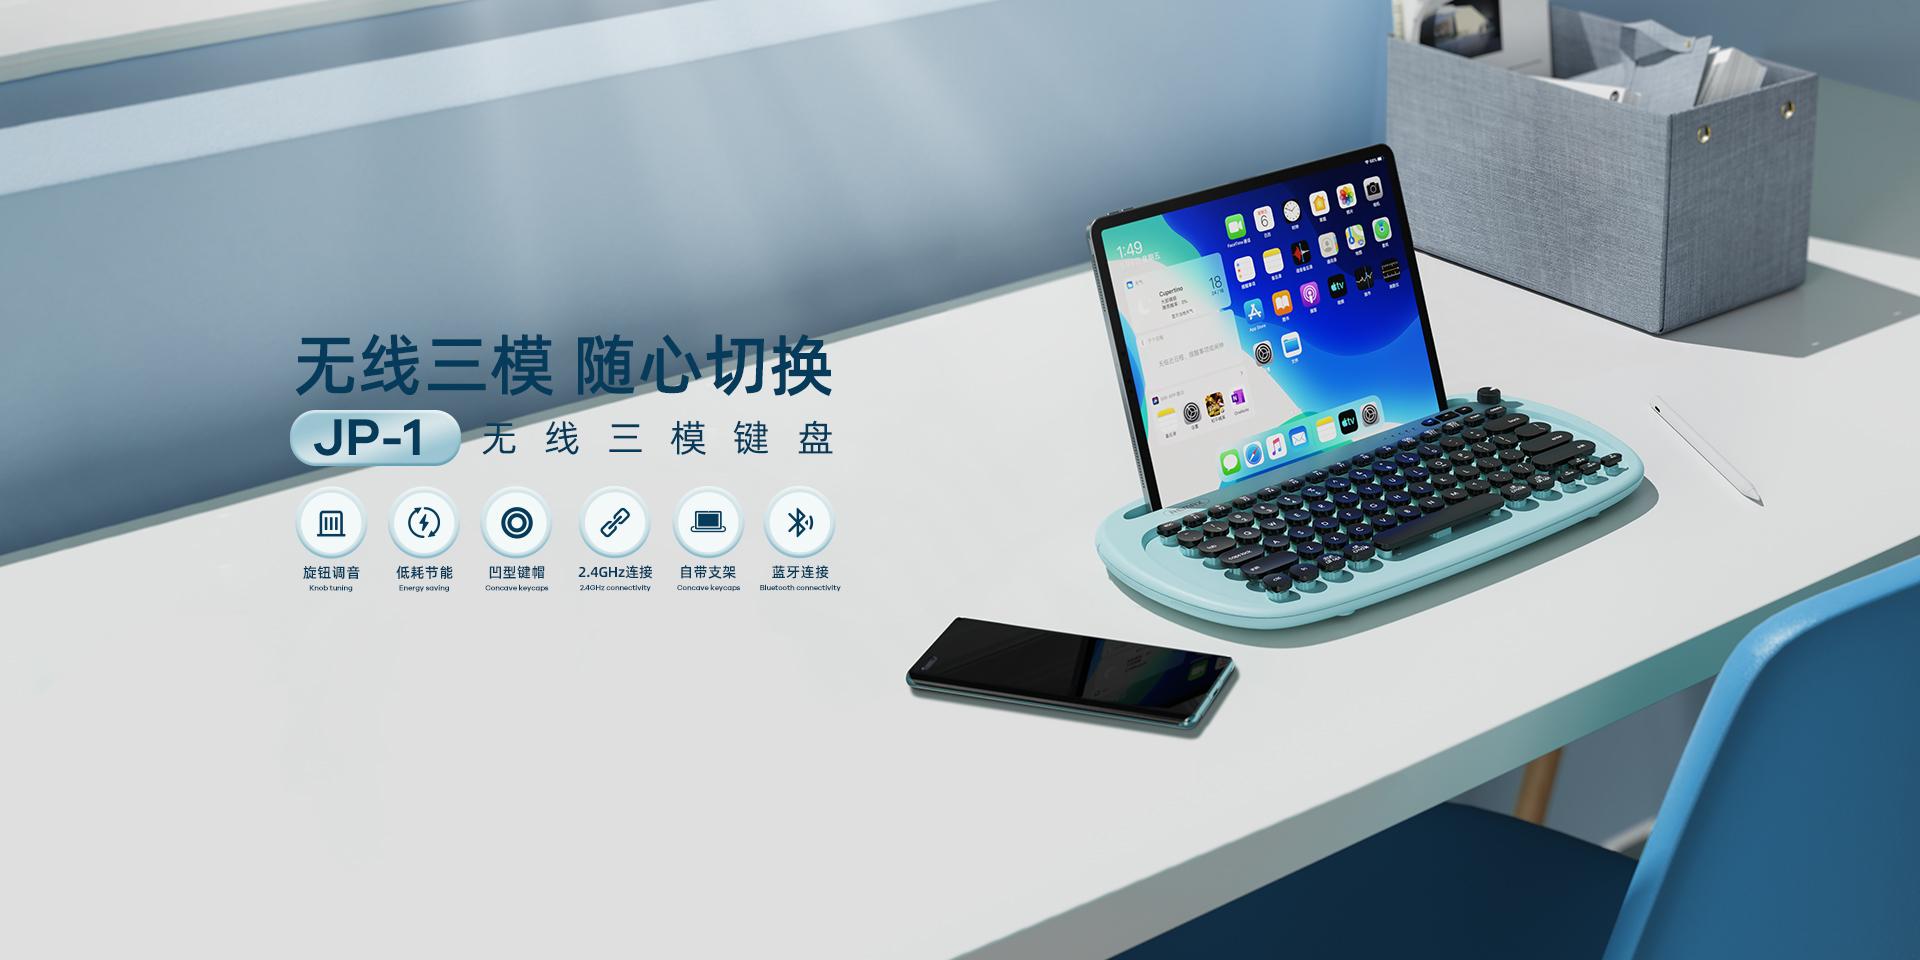 JP-1-无线三模键盘-网页_01